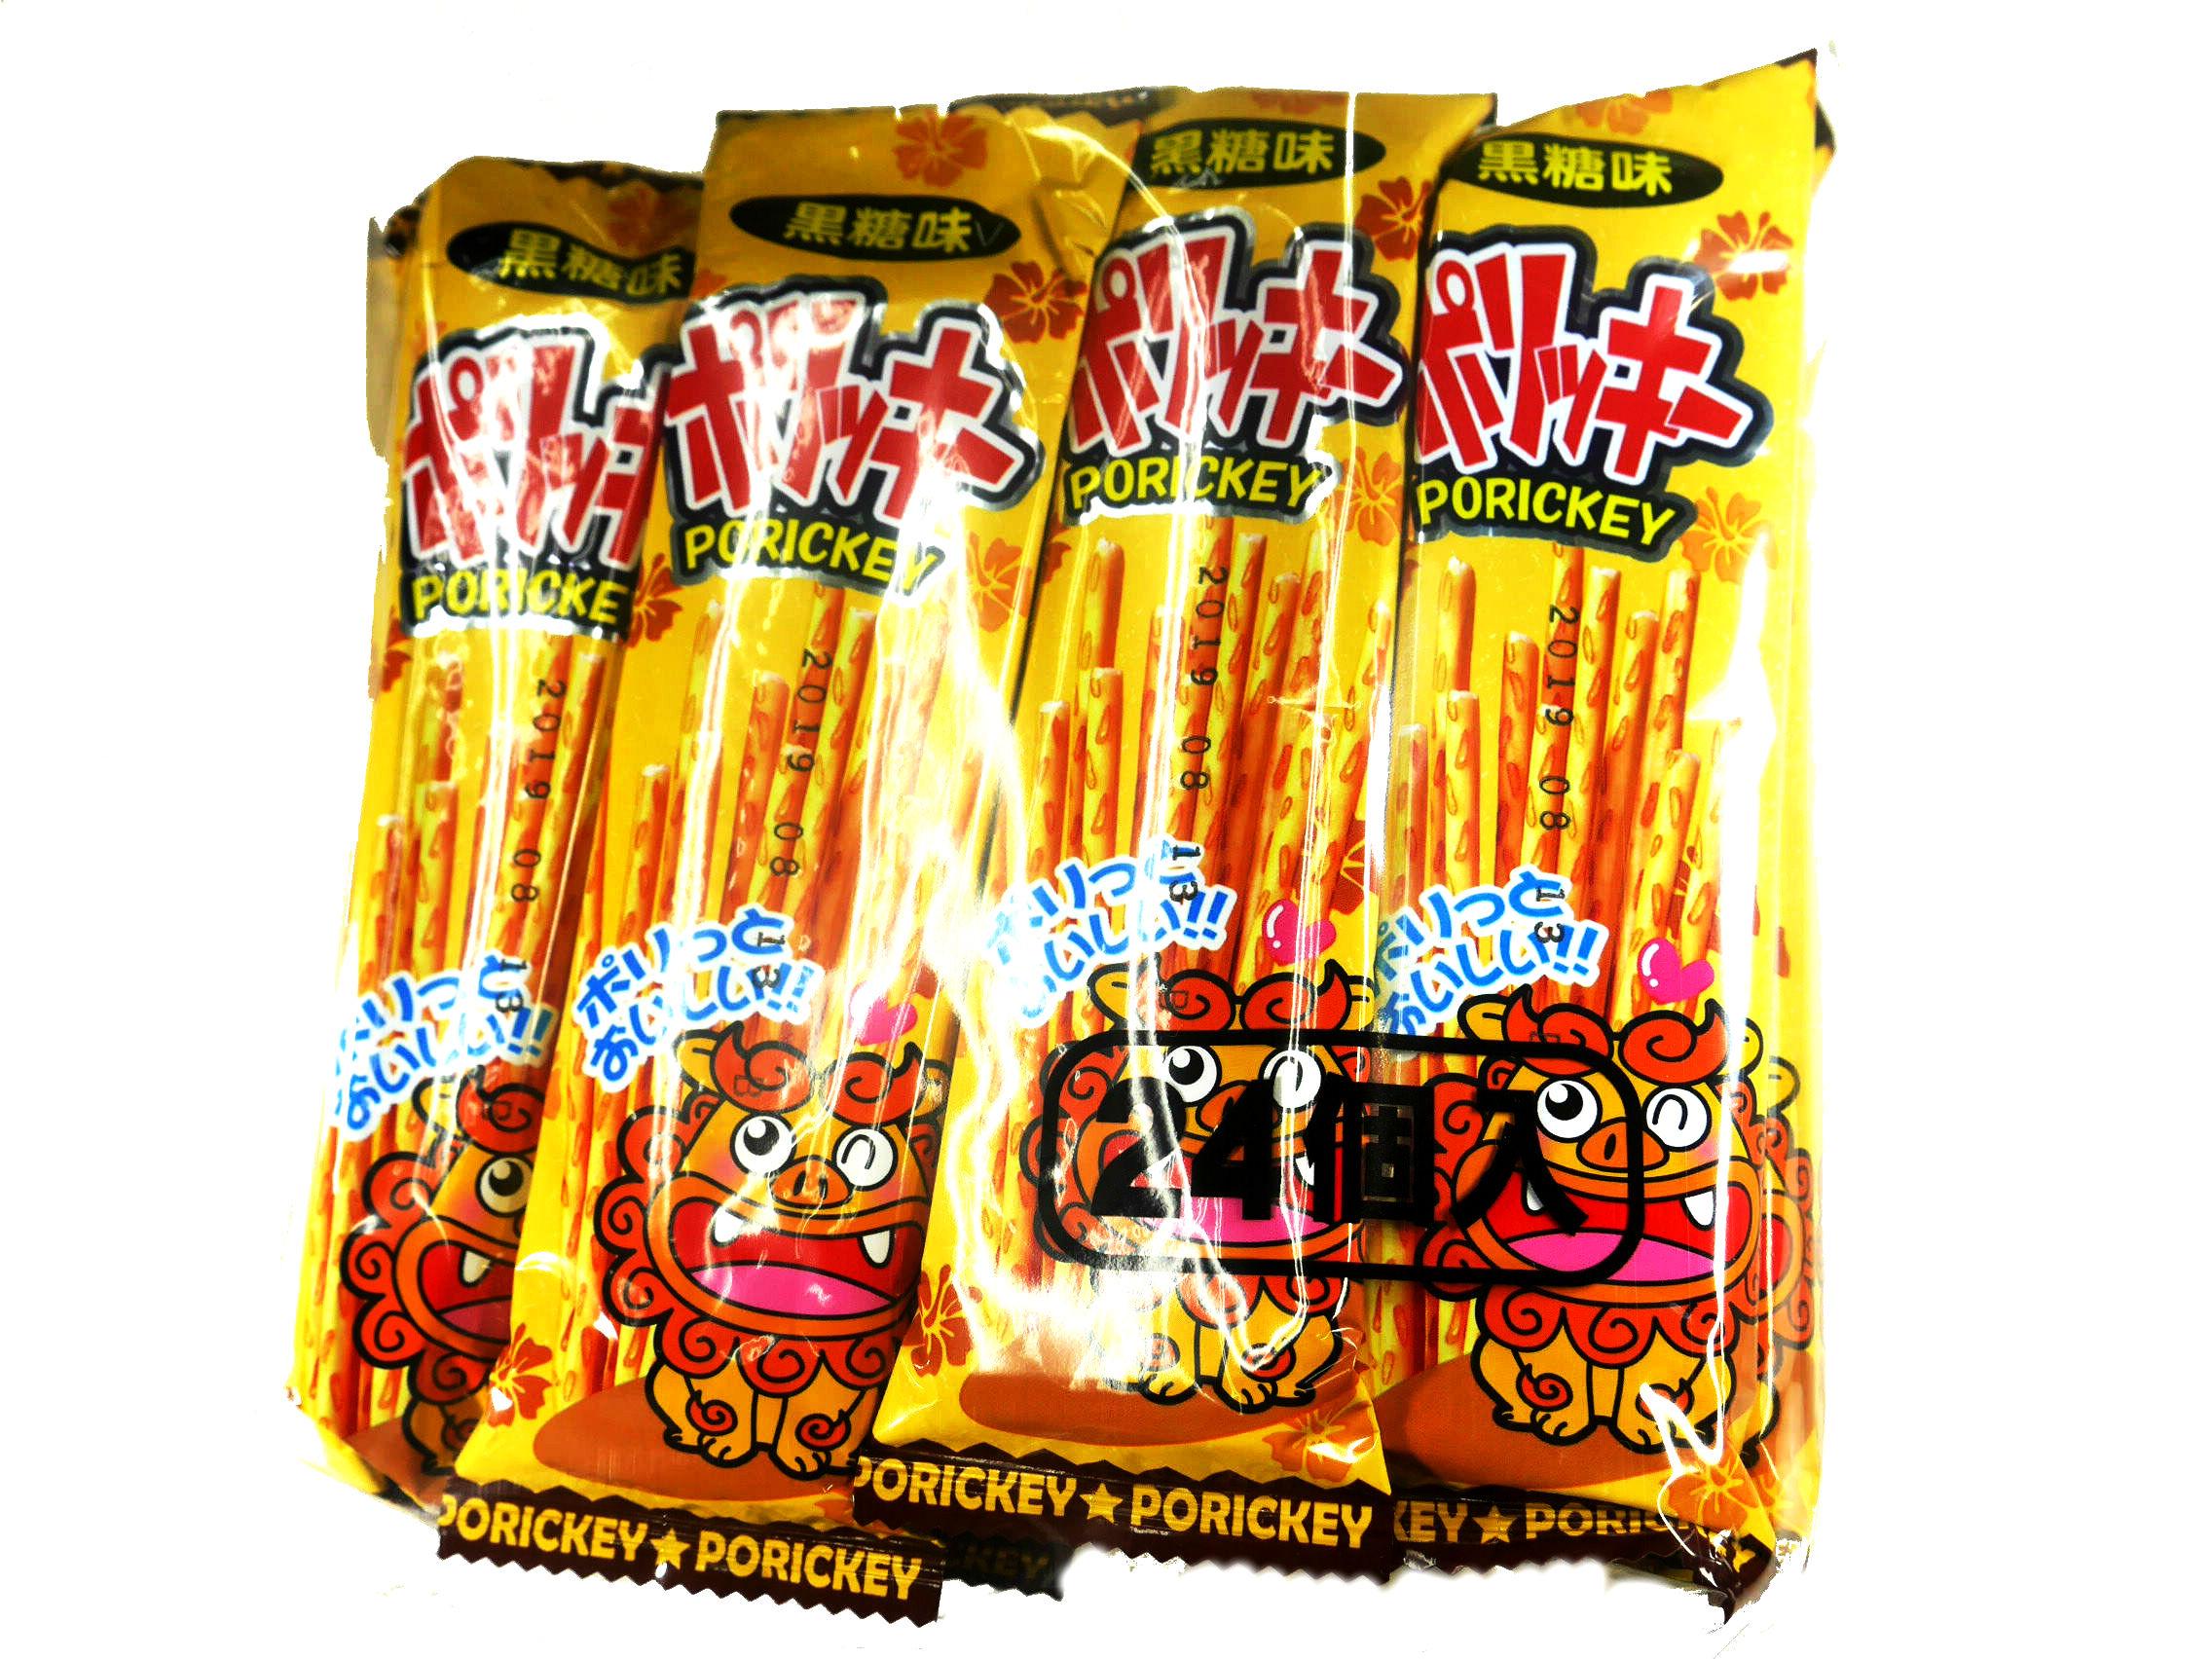 業務用 駄菓子問屋 【15円 ポリッキー黒糖味】 24個入り